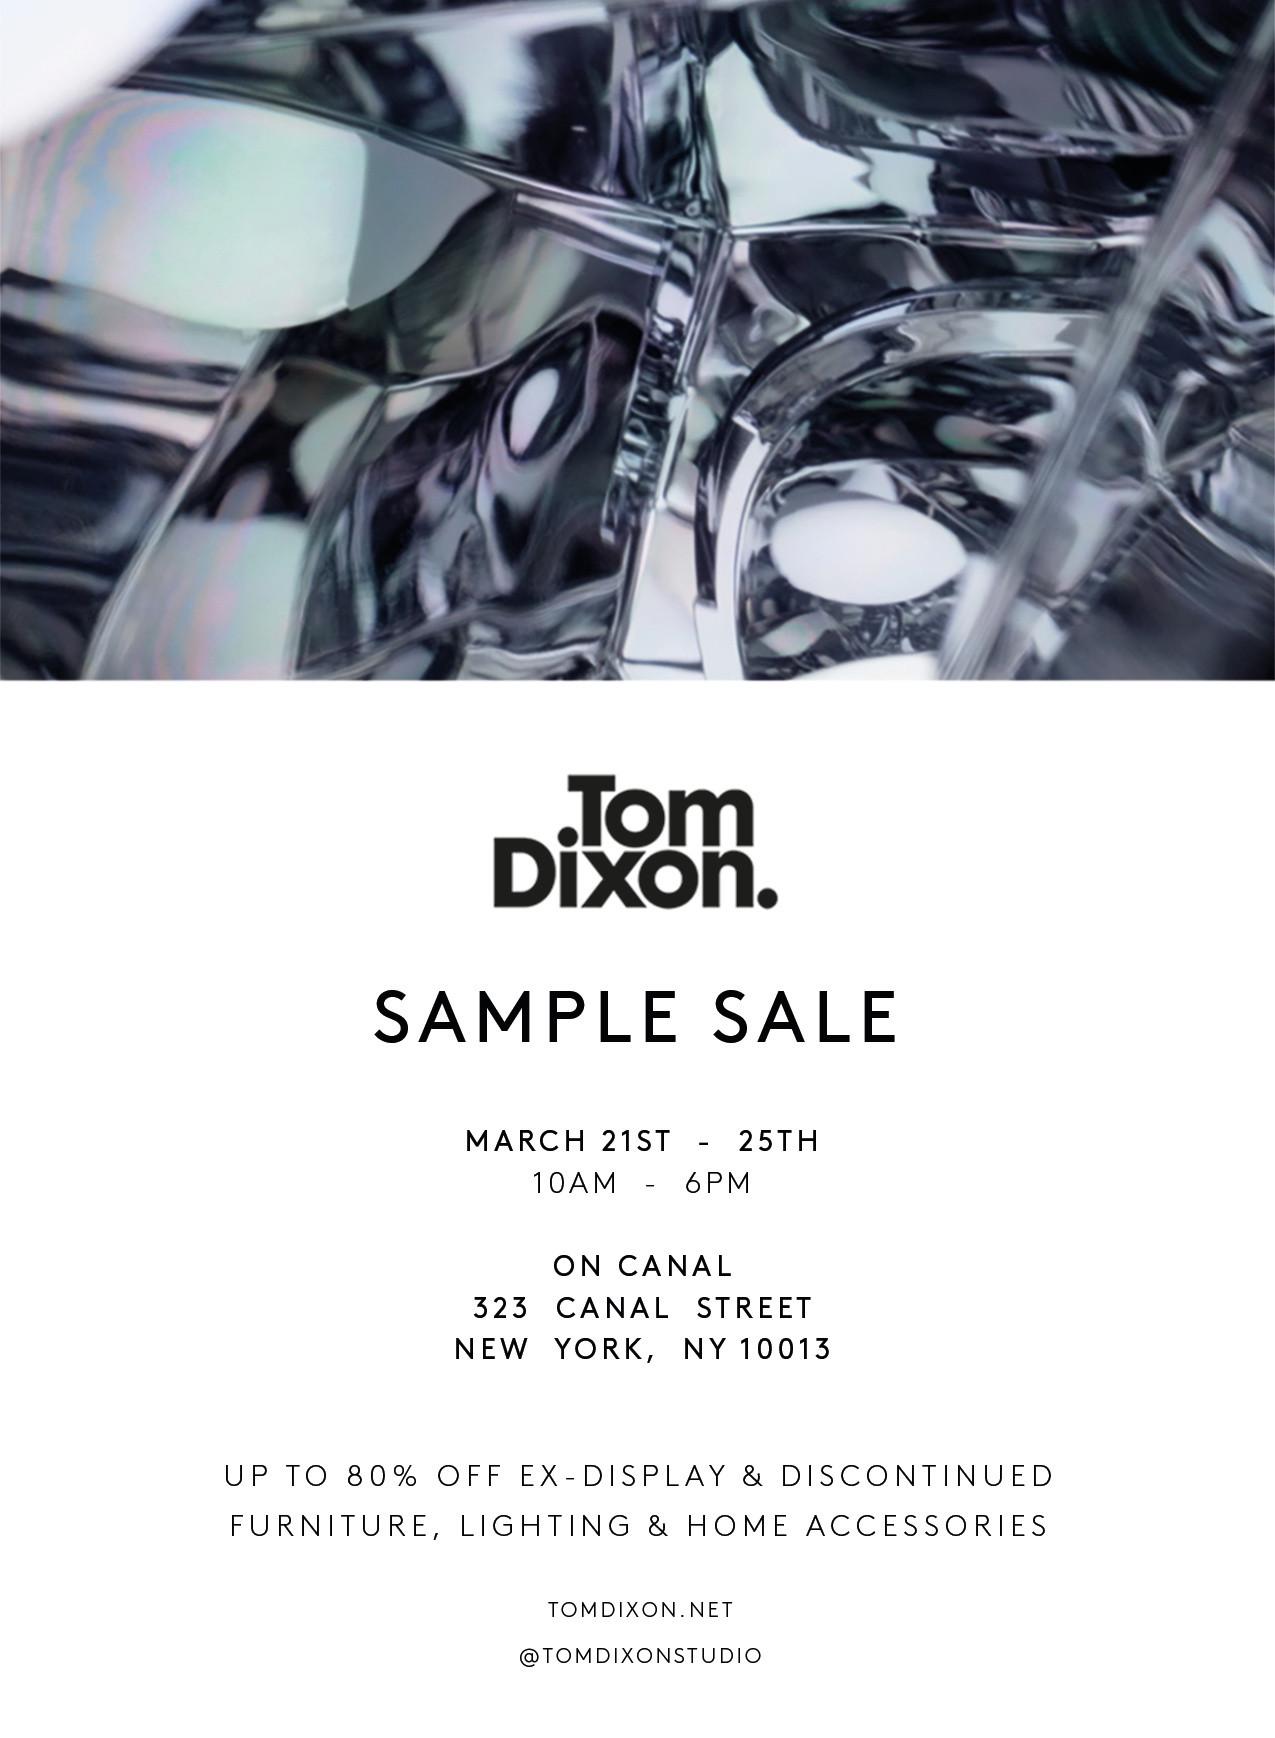 Sample Sale Flyer_Final V5.jpg